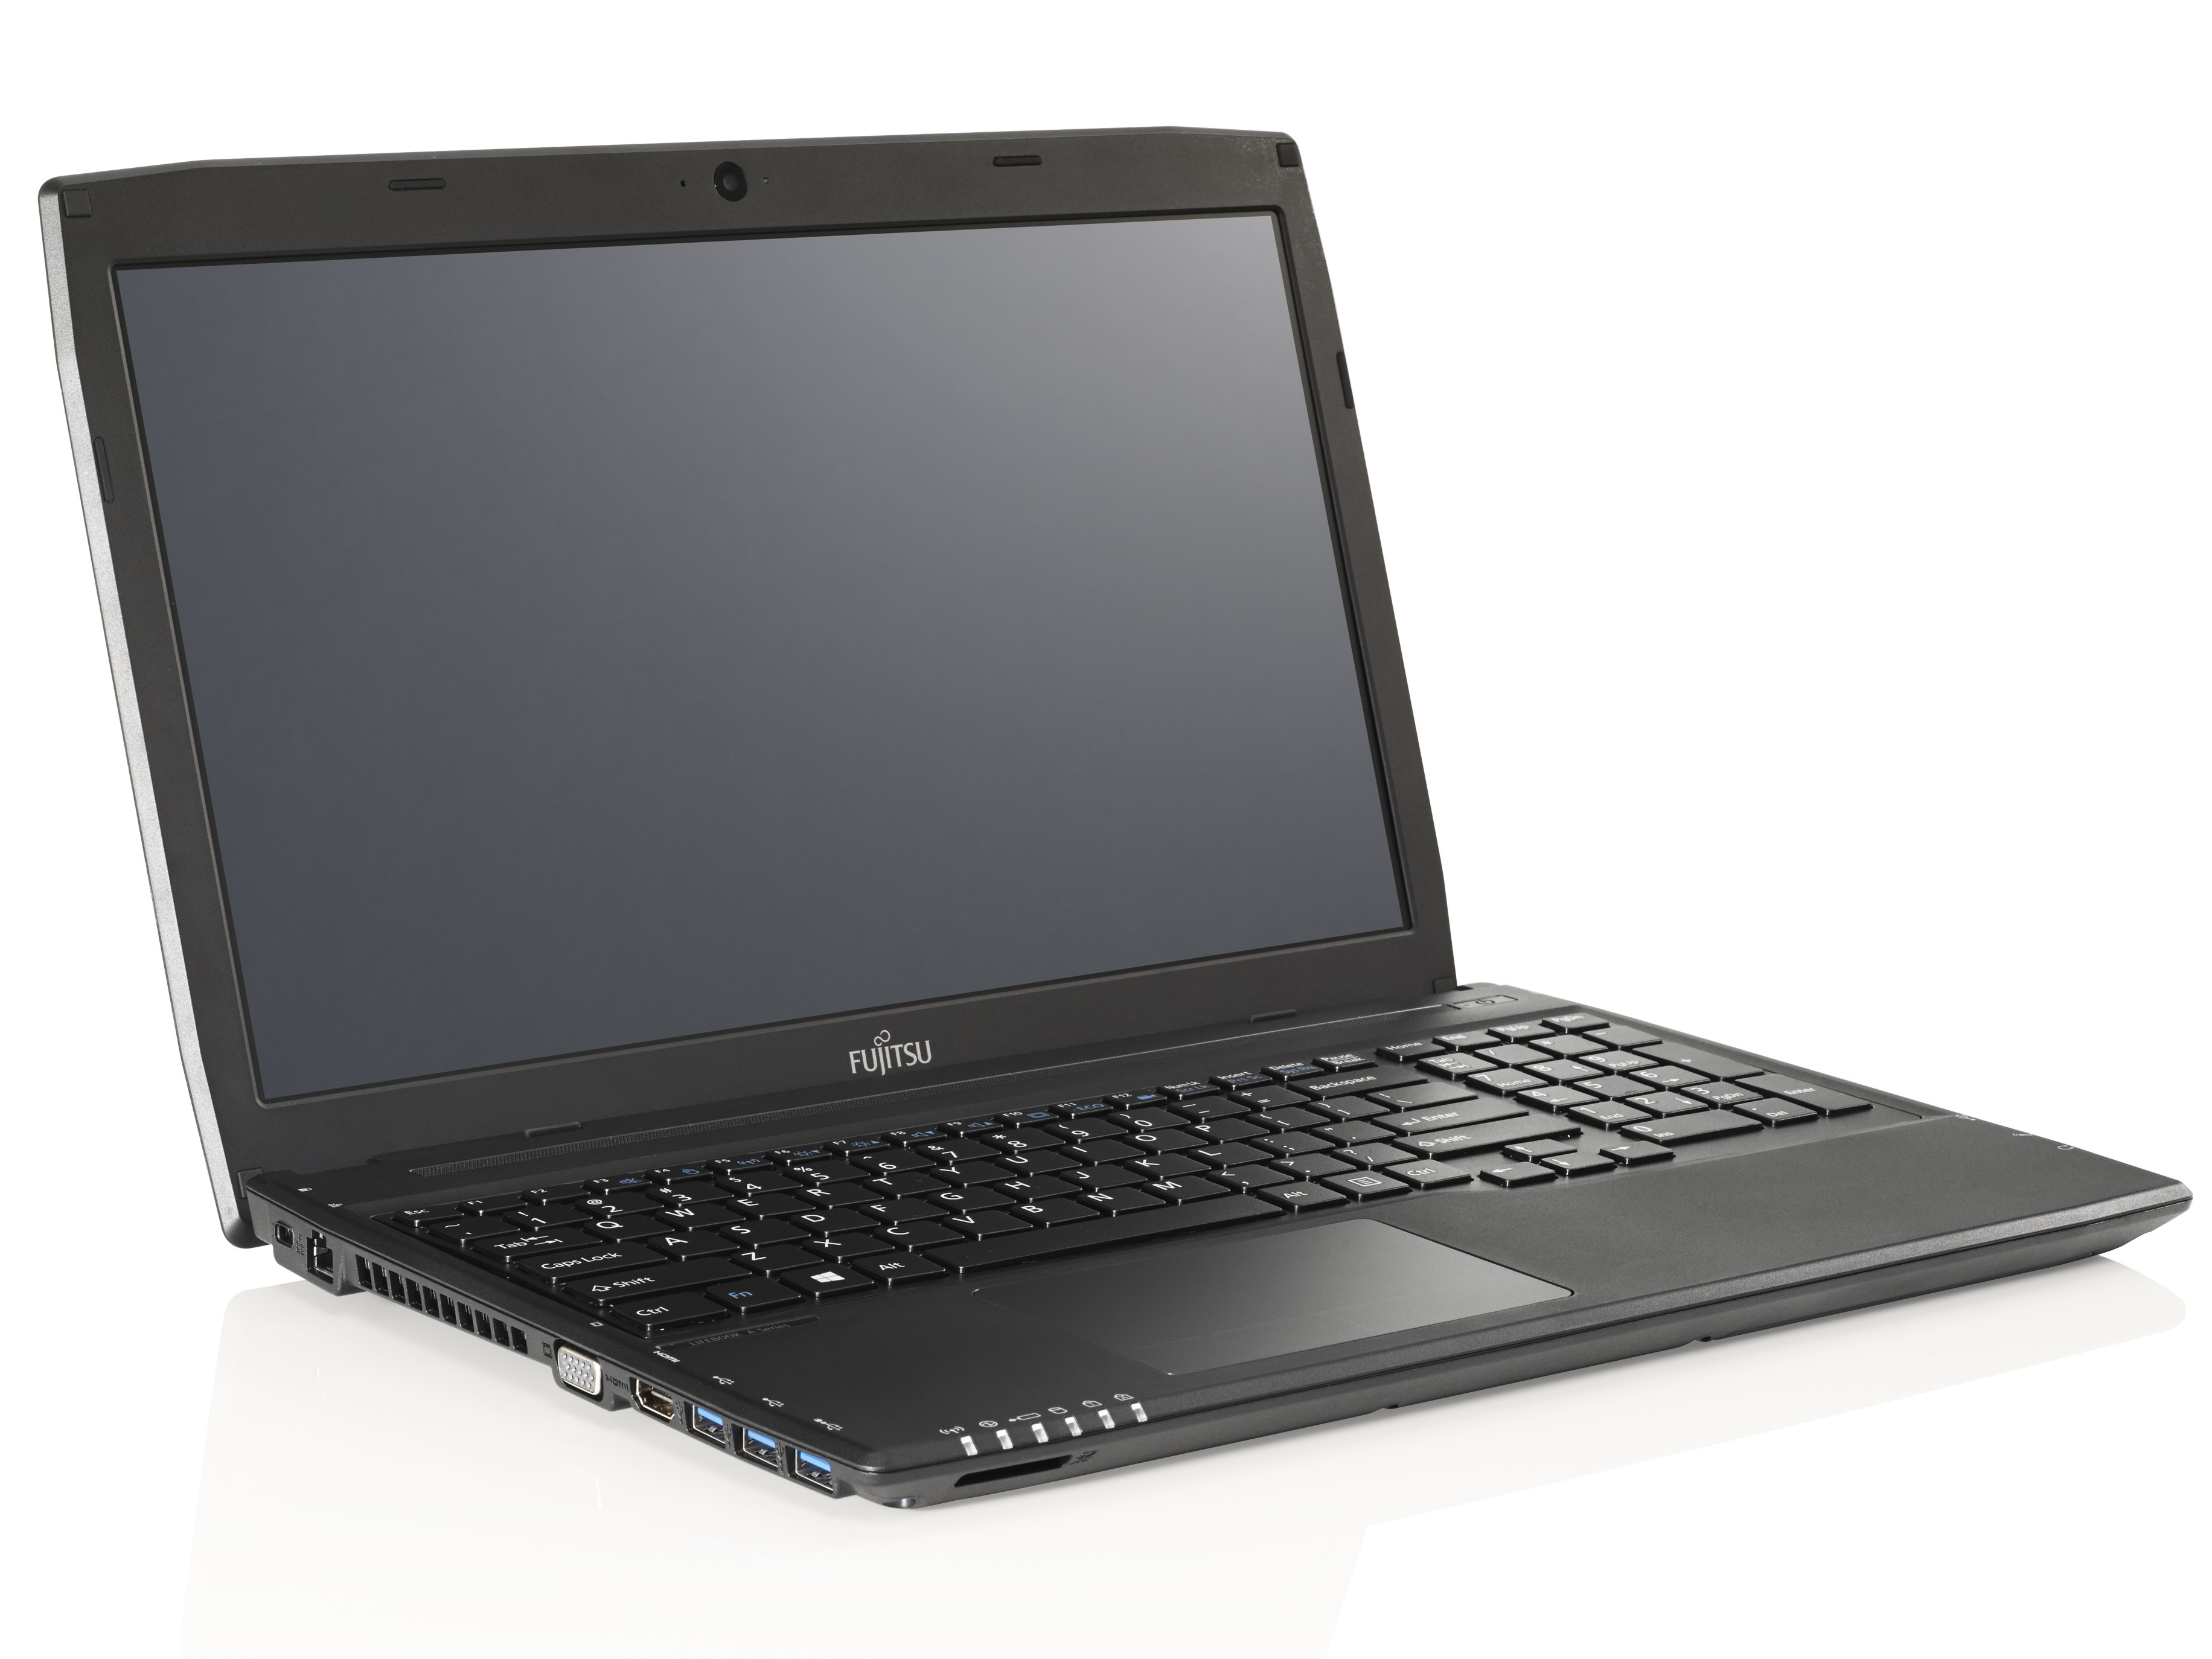 Fujitsu Lifebook A514 Retoure 249,00 Euro* Ausverkauft